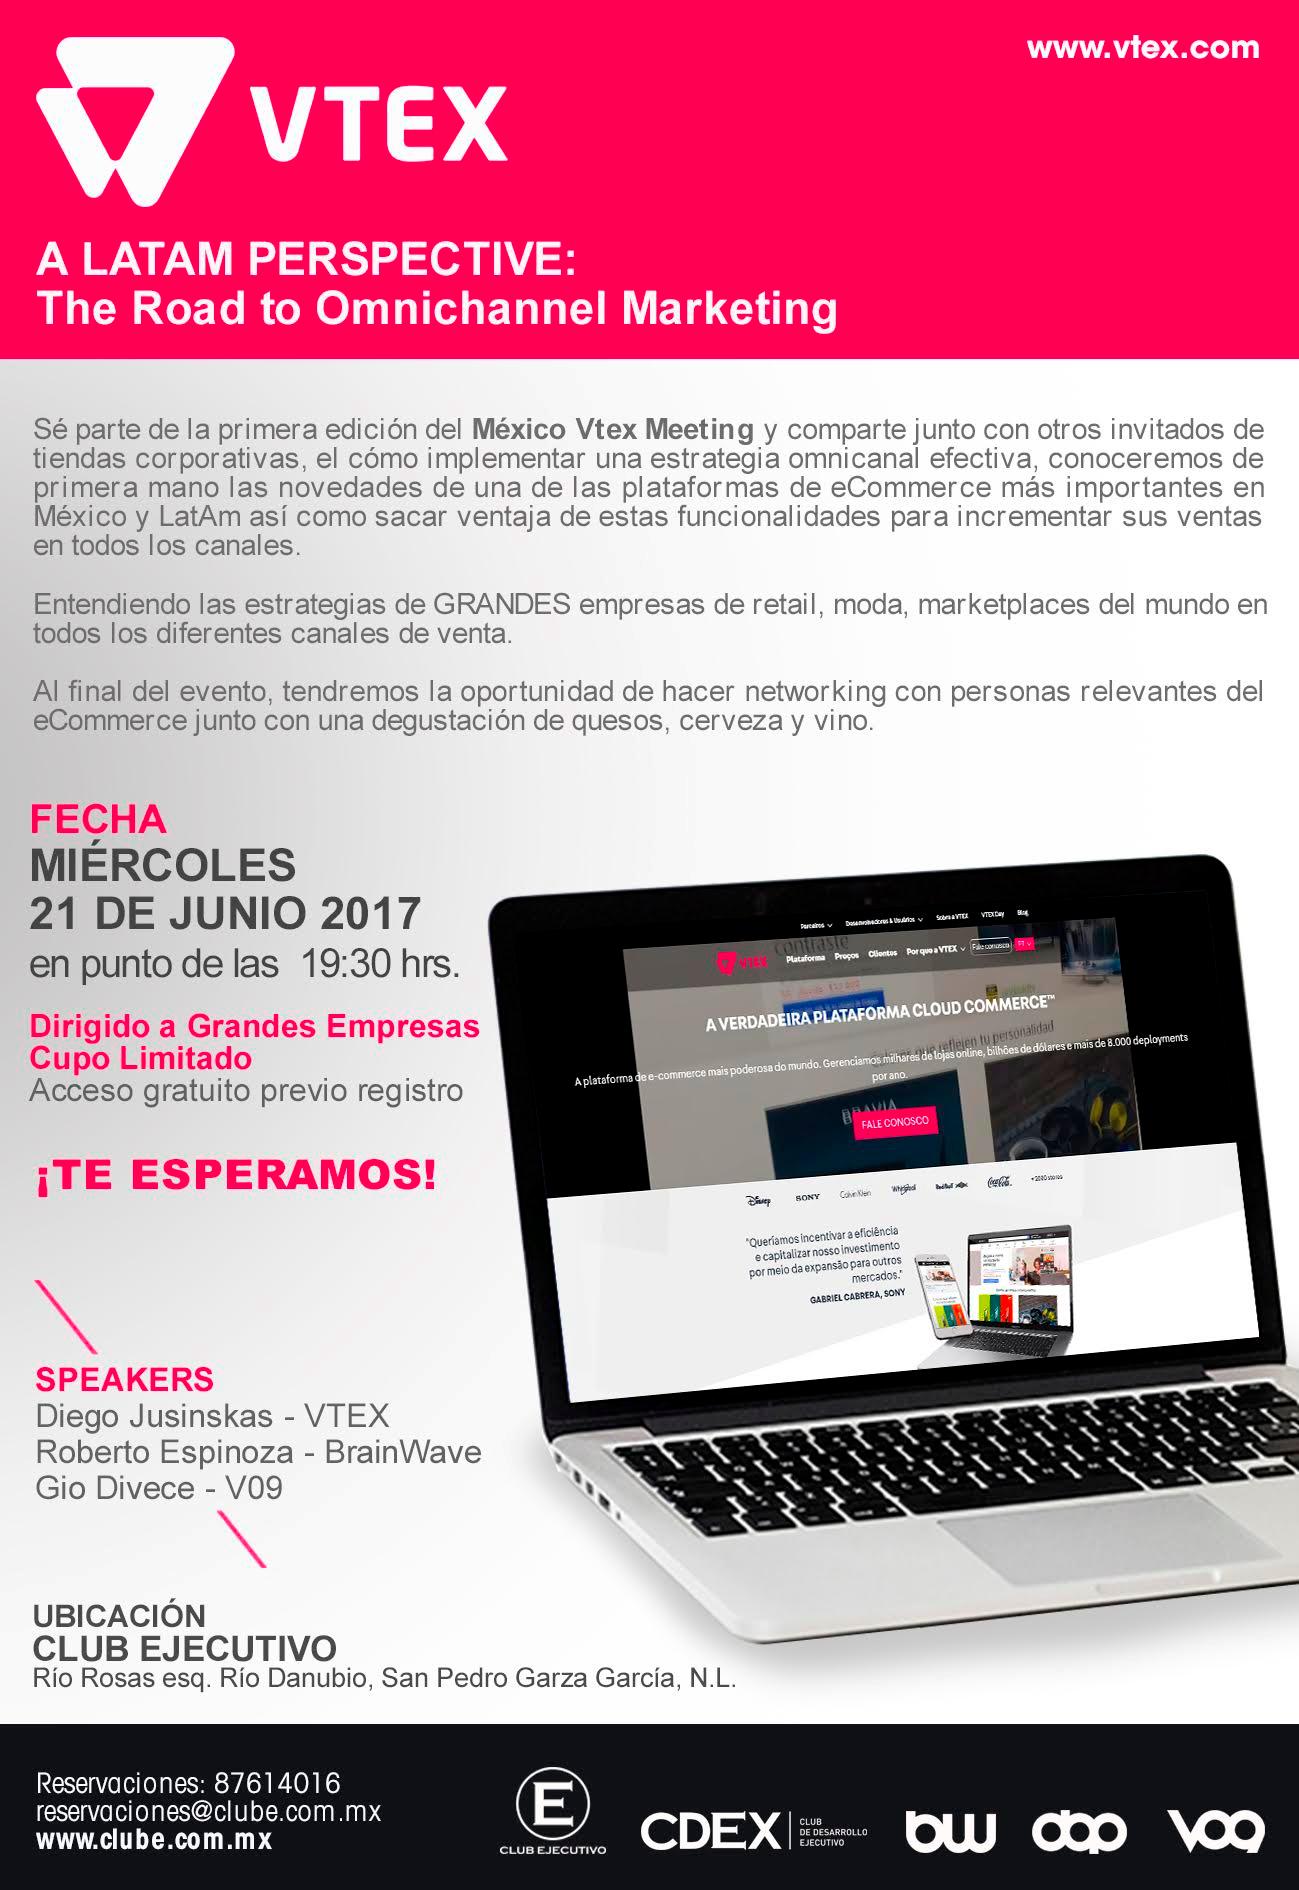 México Vtex Meeting se celebrará el próximo 21 de junio en Monterrey